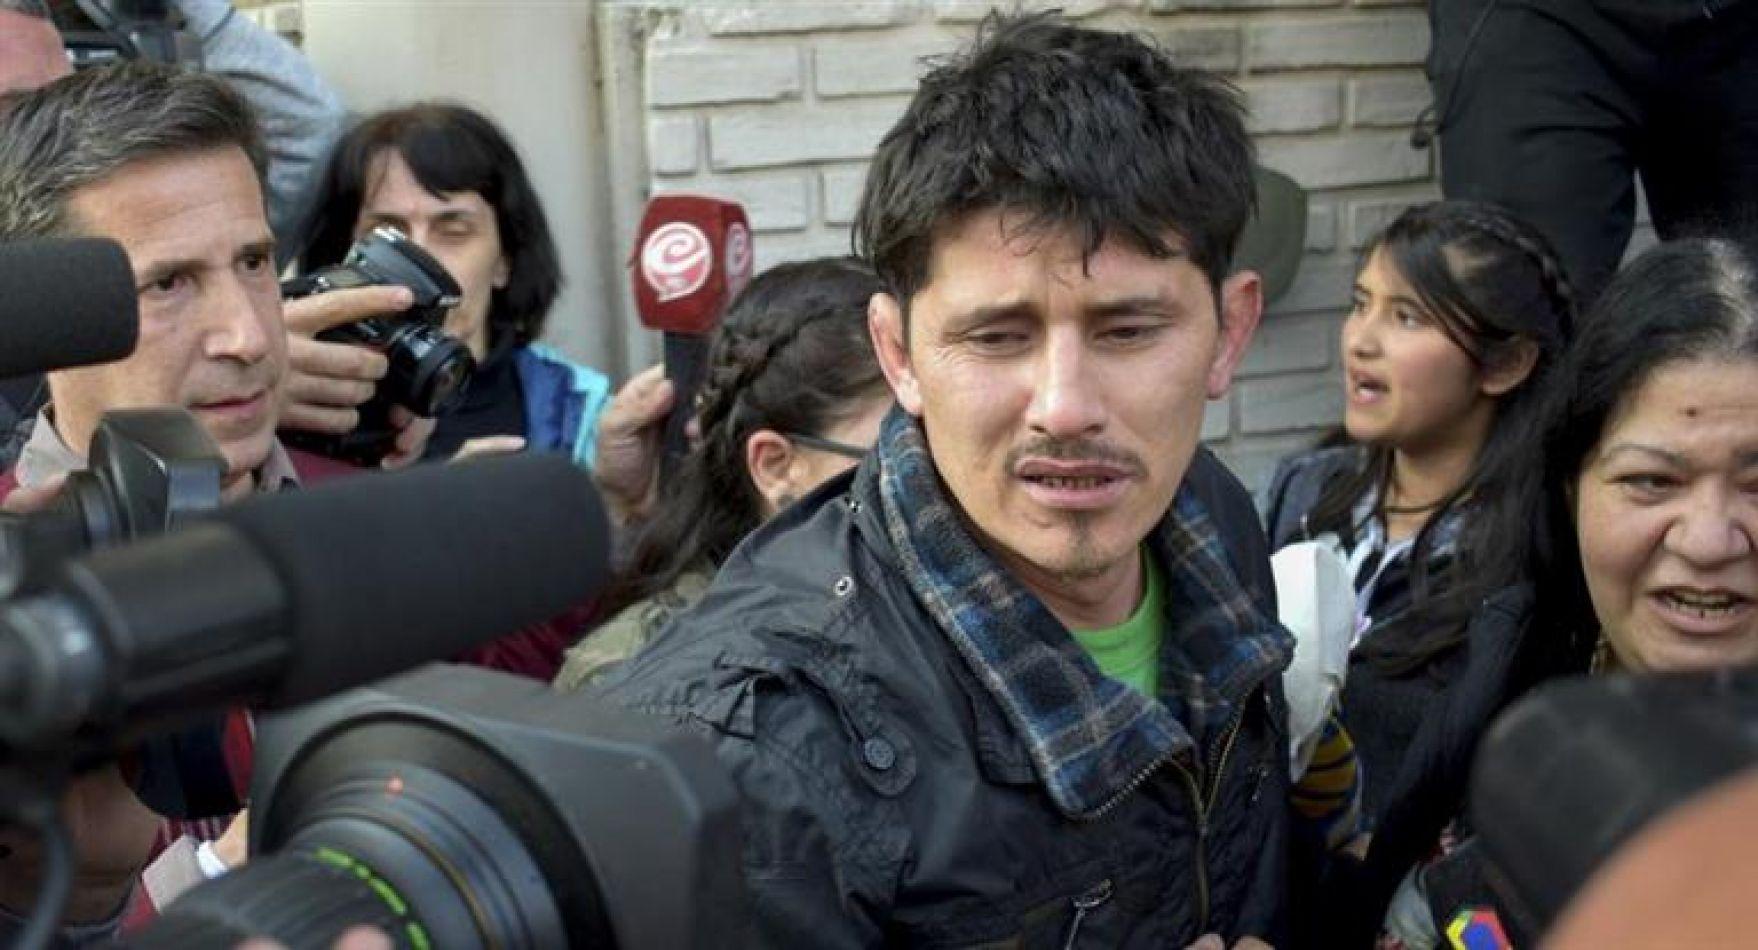 """Los 12 jurados coincidieron en que Daniel Oyarzún actuó en """"legítima defensa"""" al atropellar a Brian González"""